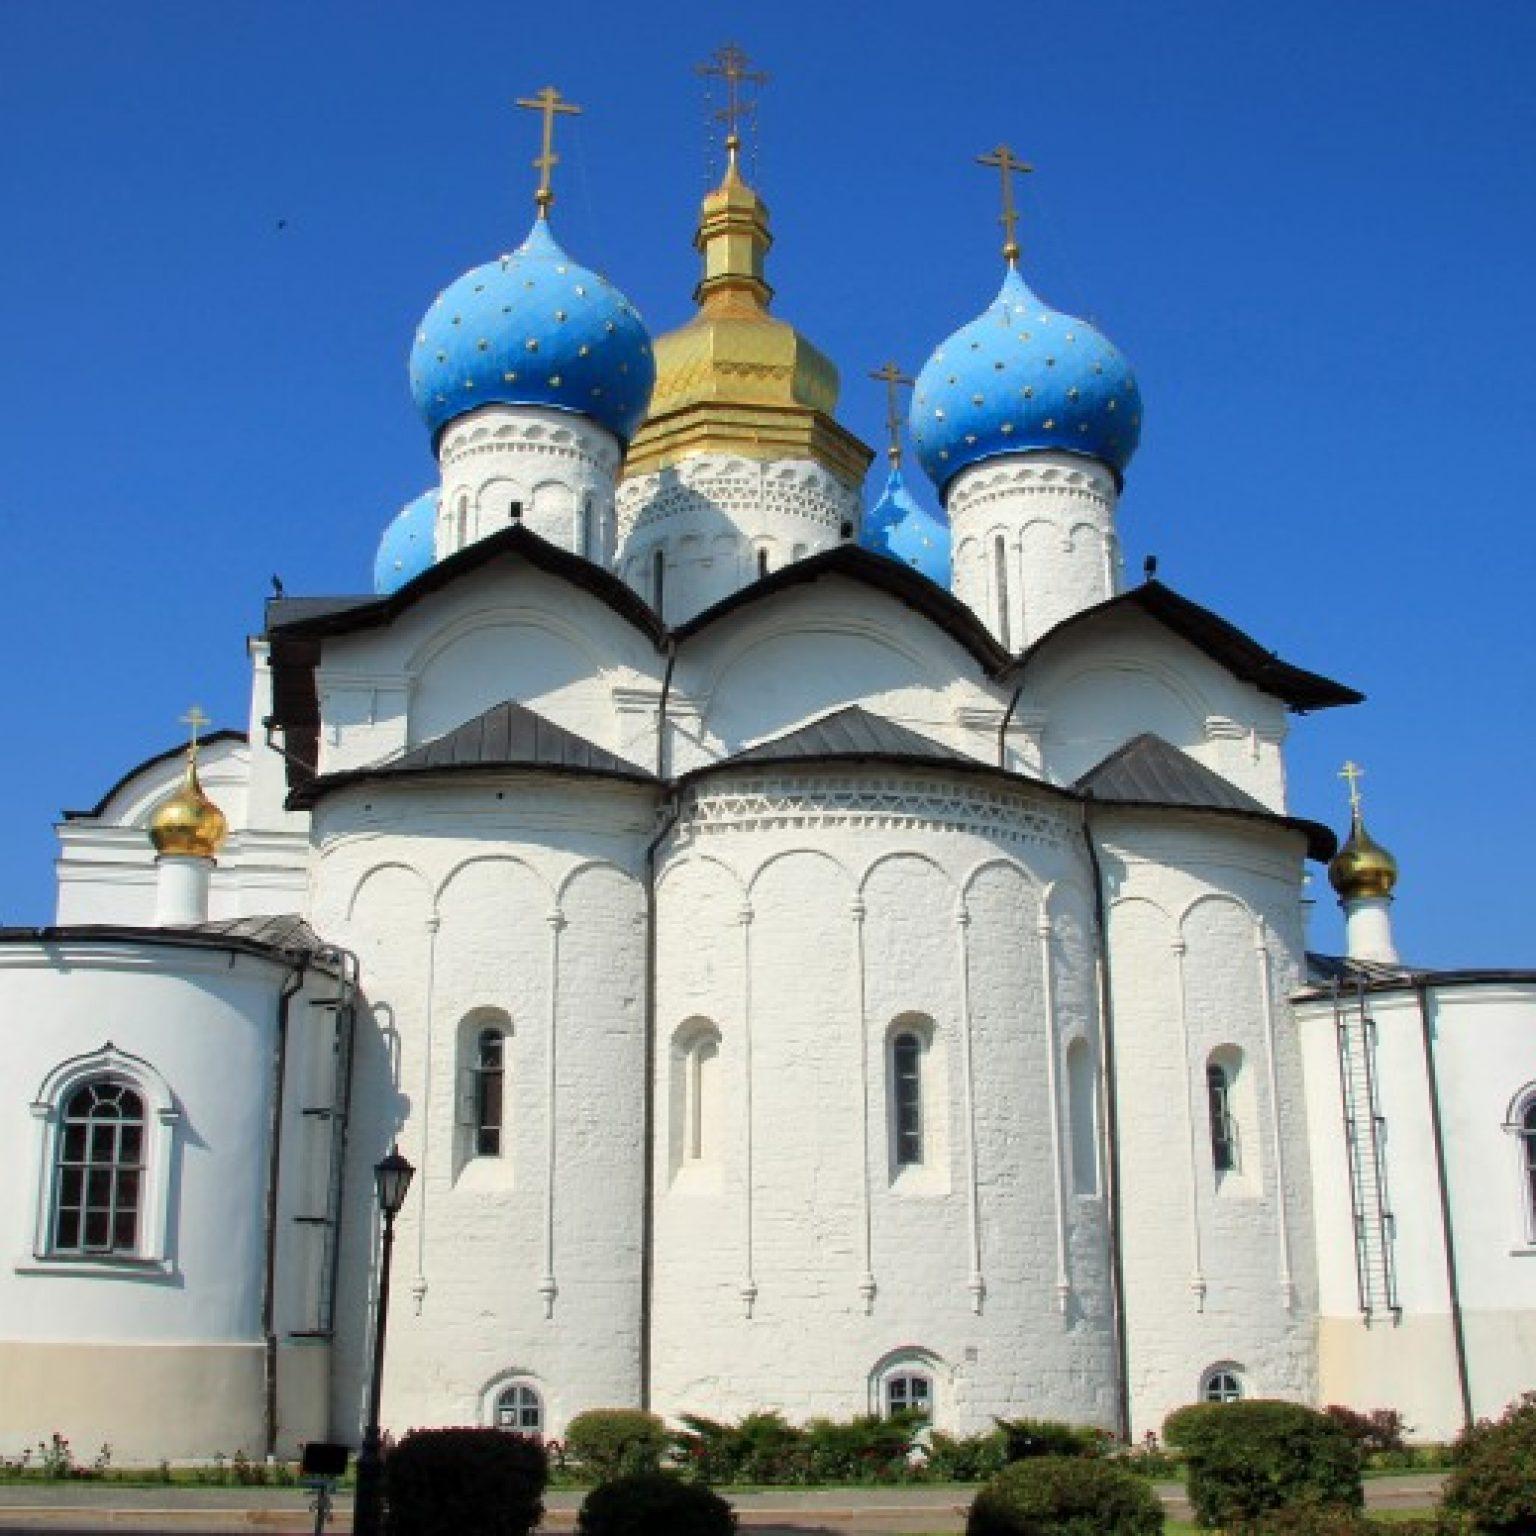 Достопримечательности Казани: Благовещенский собор Казанского кремля